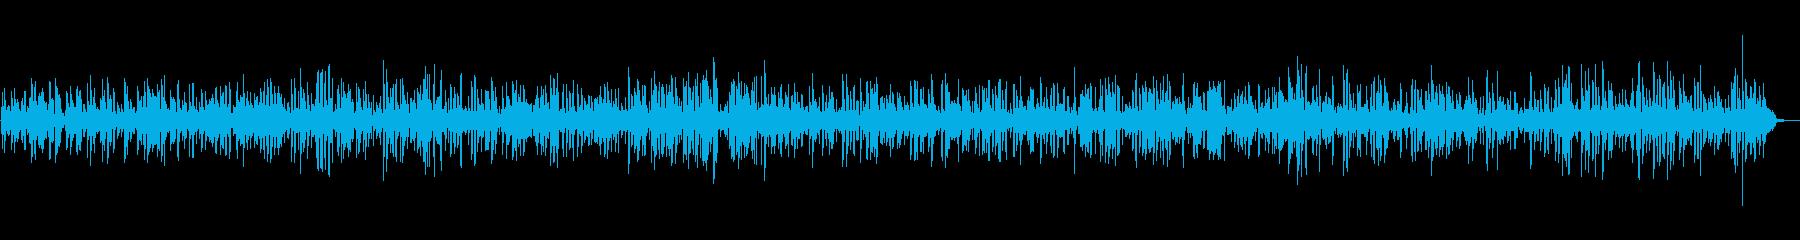 BGM|癒しのジャズギター|映像・店舗の再生済みの波形